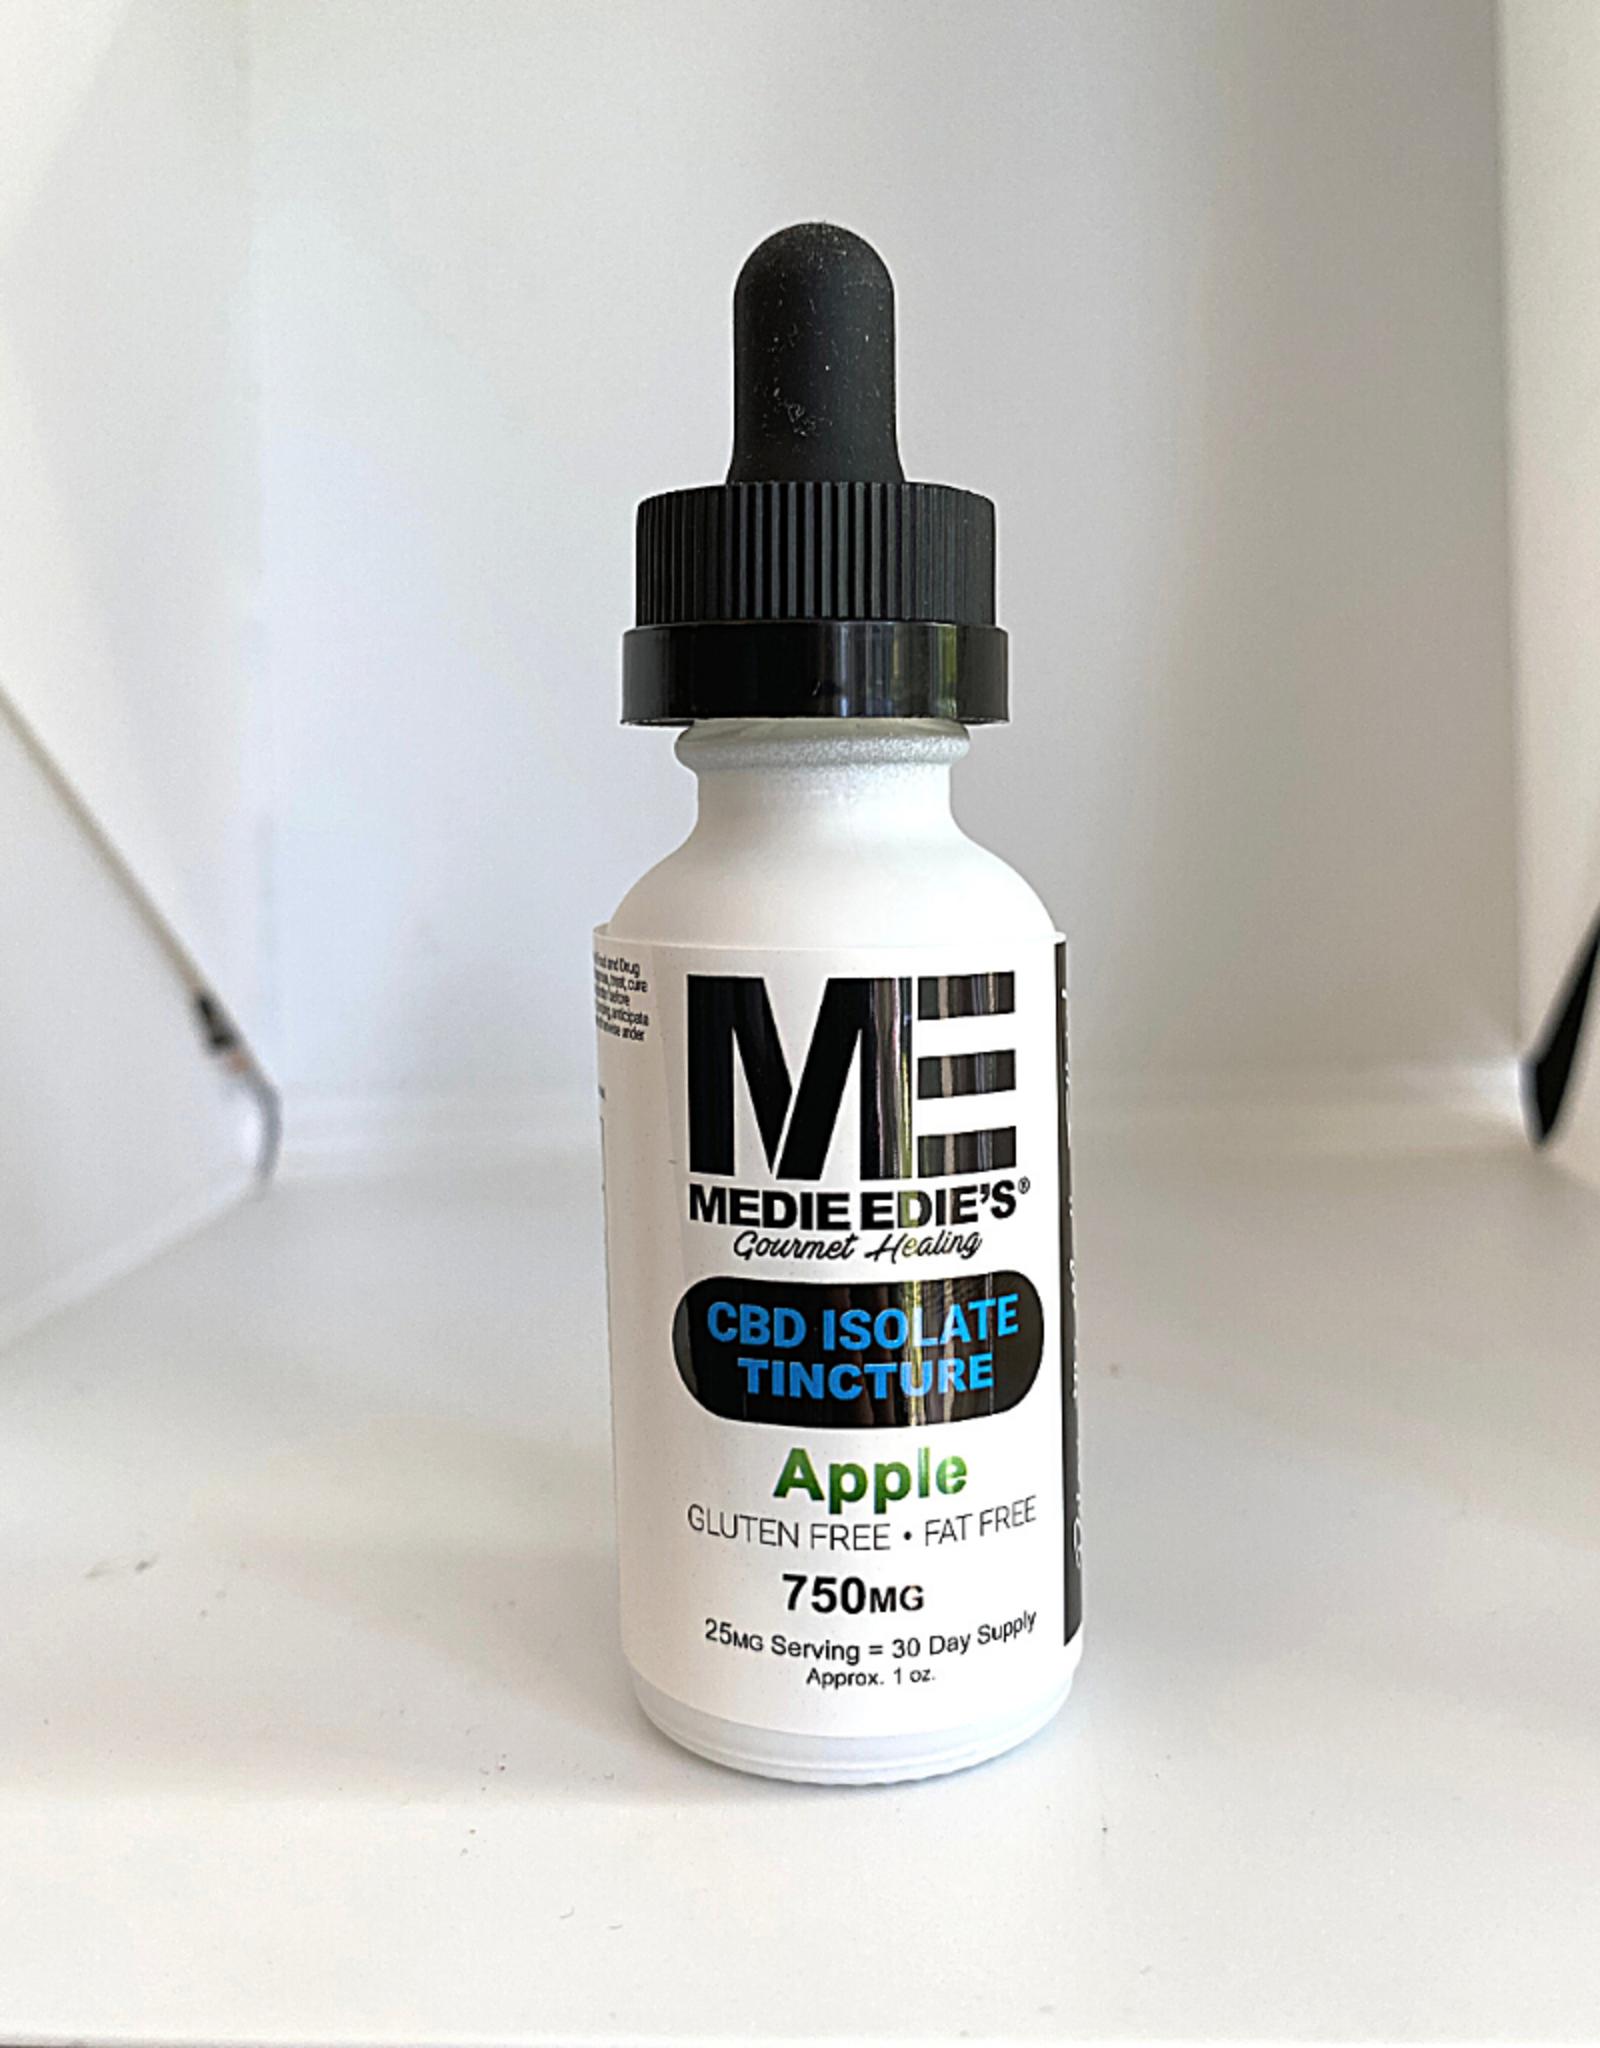 Medie Edie's Medie Edie's 30ml CBD Tincture Apple 25mg.750mg